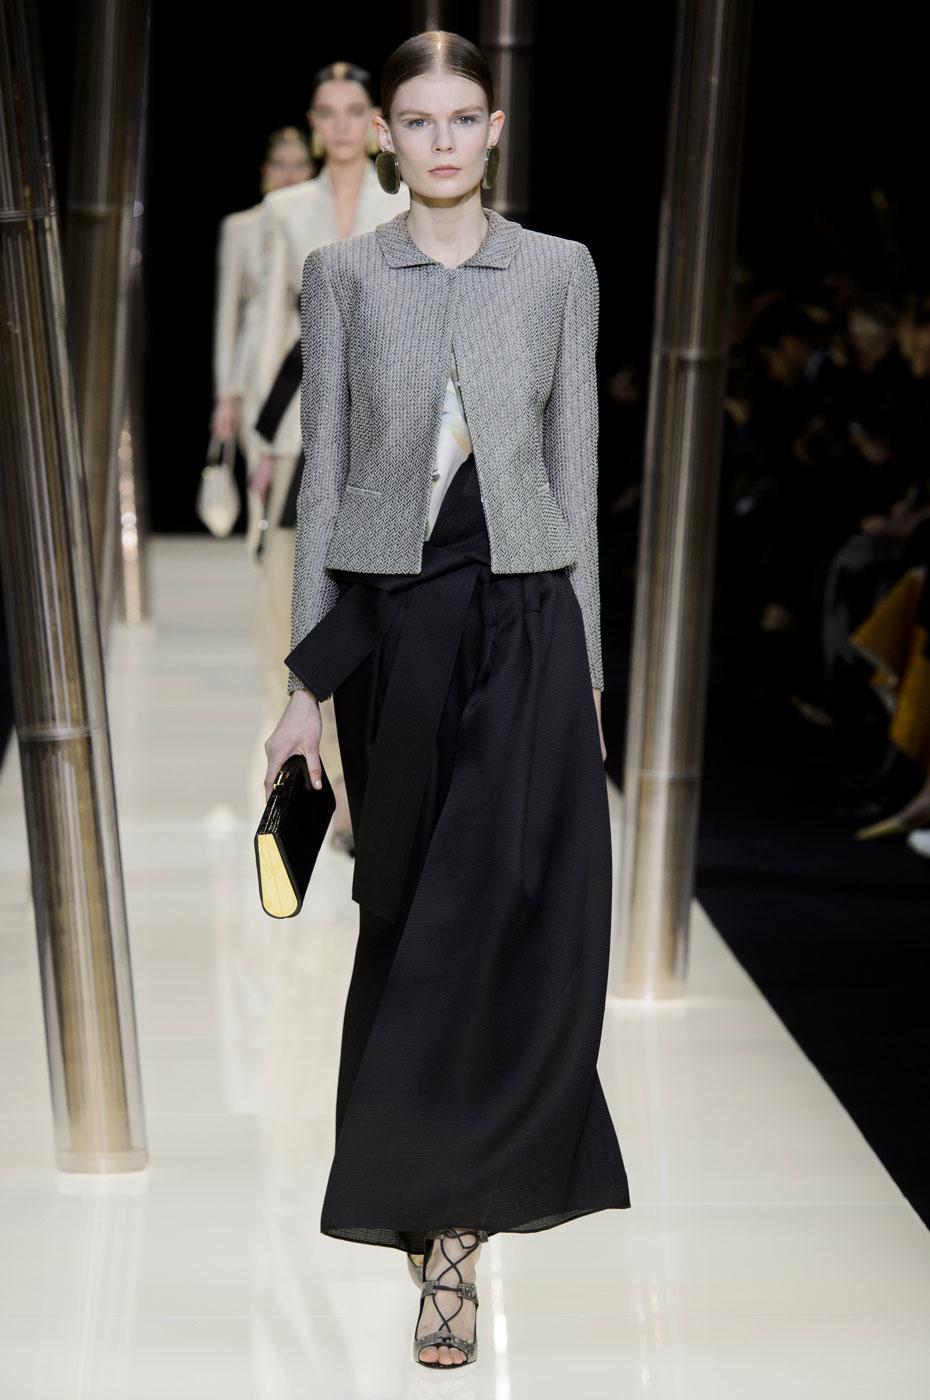 Giorgio-armani-Prive-fashion-runway-show-haute-couture-paris-spring-2015-the-impression-015